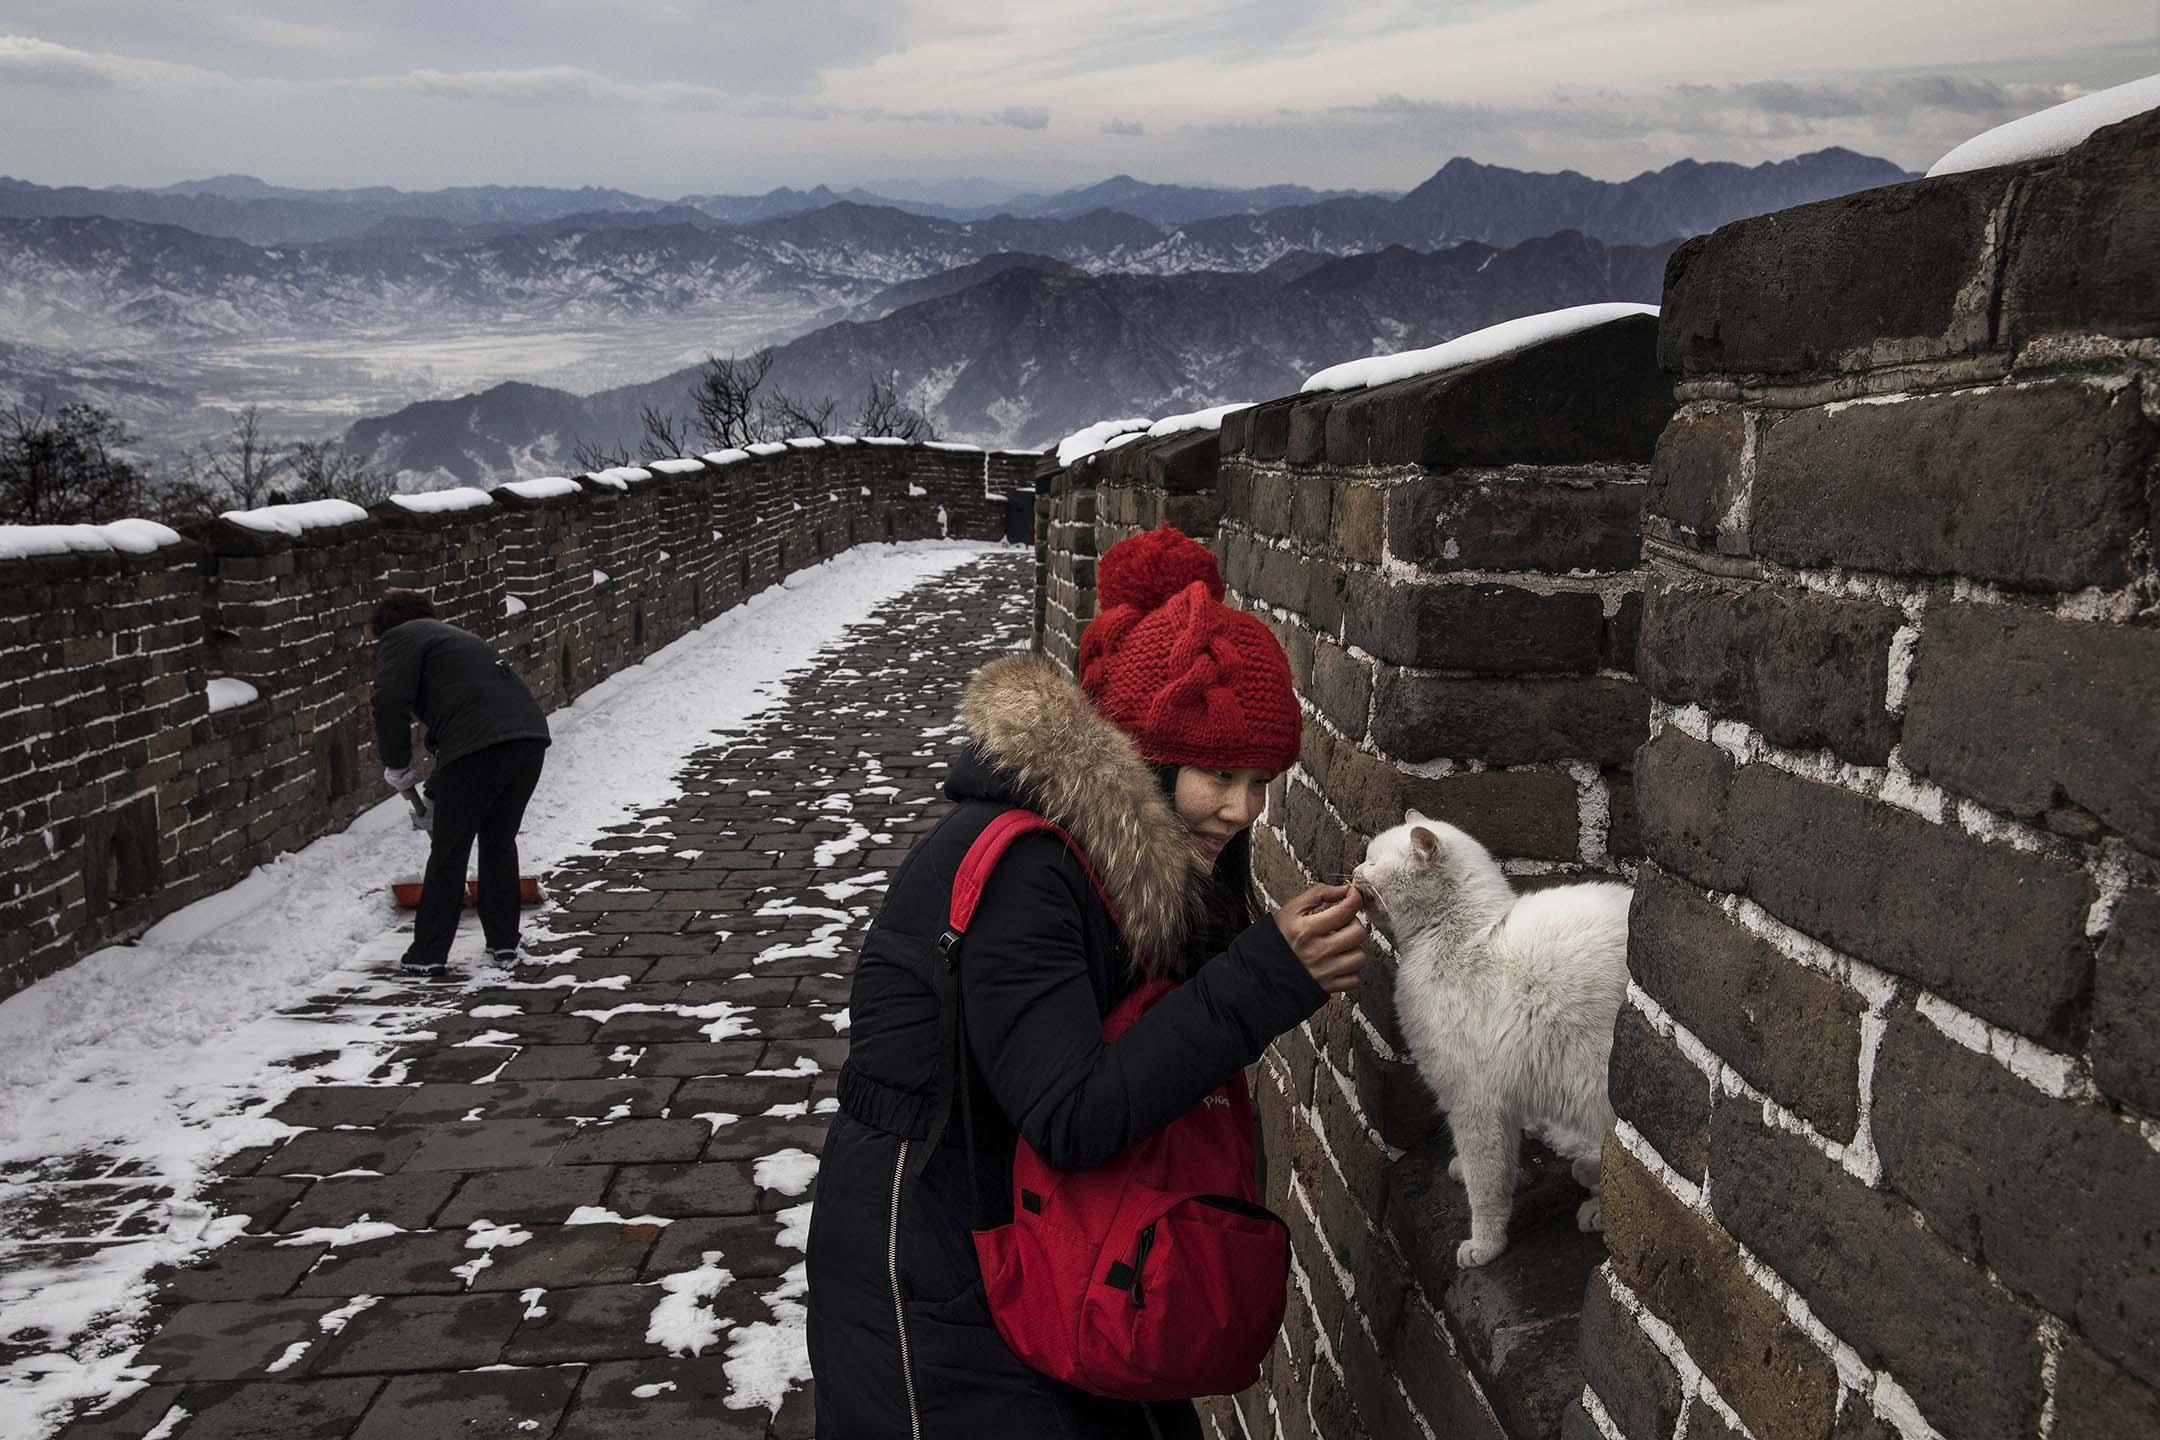 2017年02月22日中國北京,一位中國遊客在降雪後的長城散步時撫摸一隻流浪貓。